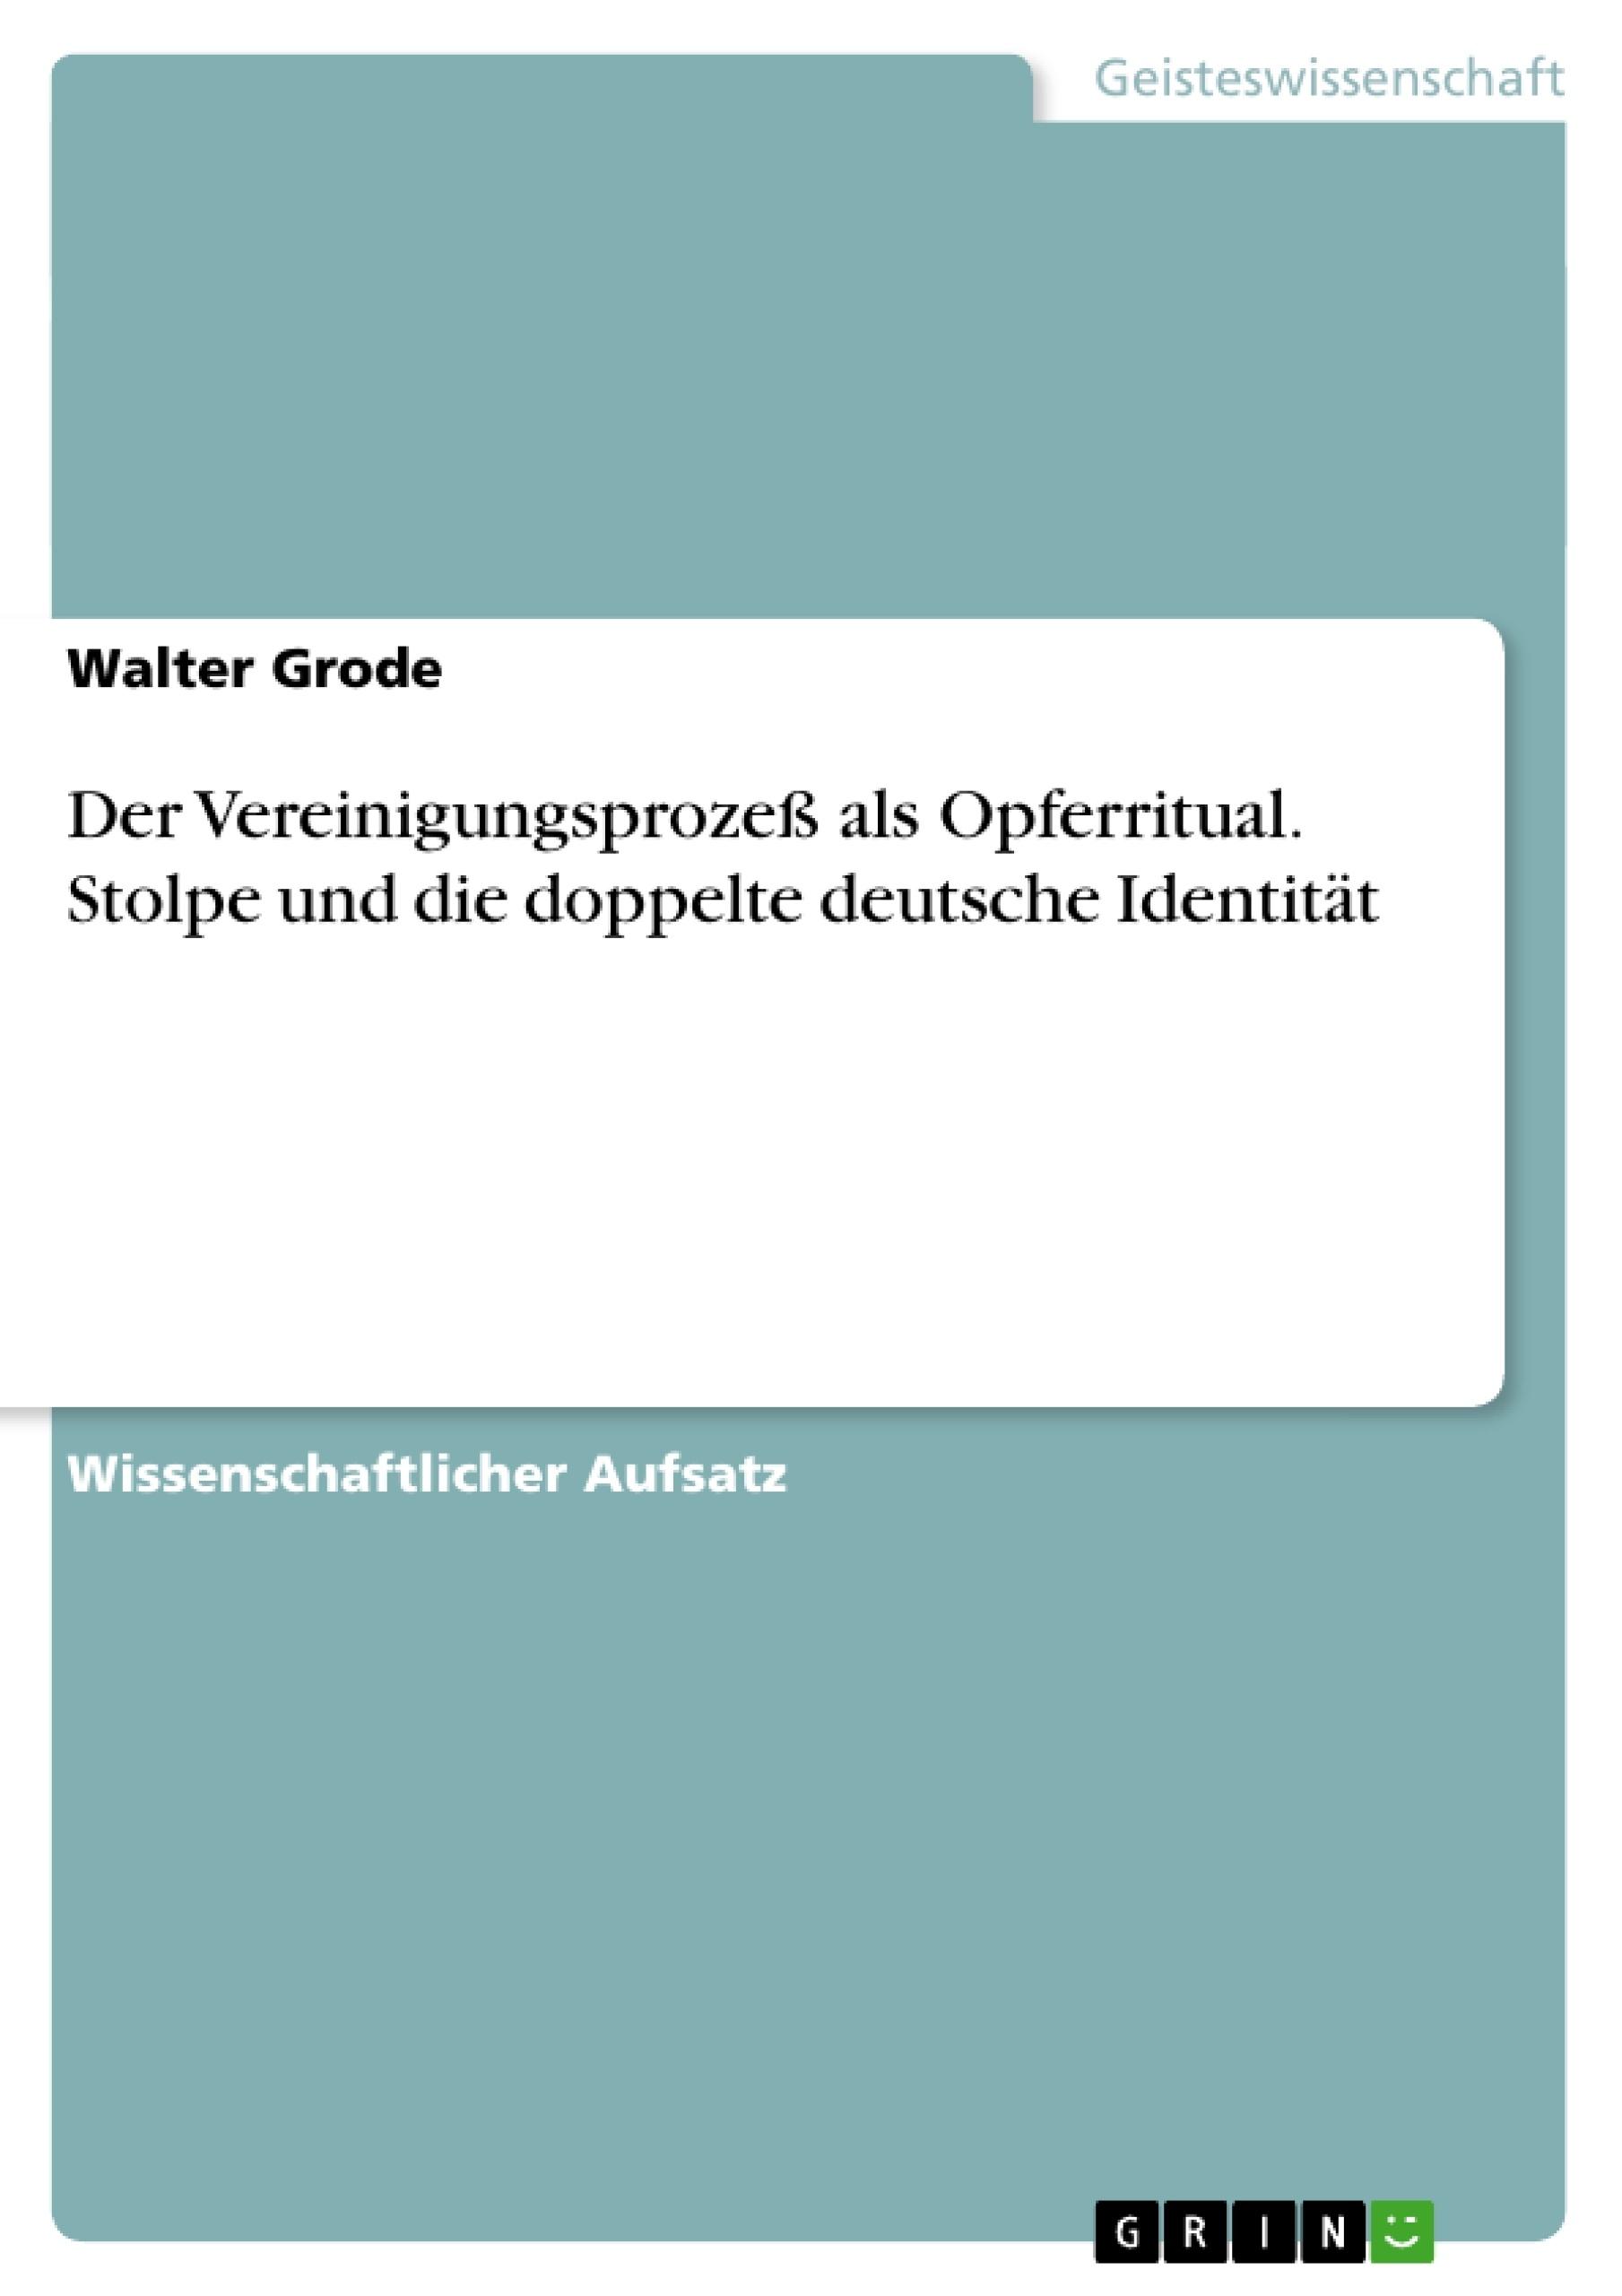 Titel: Der Vereinigungsprozeß als Opferritual. Stolpe und die doppelte deutsche Identität